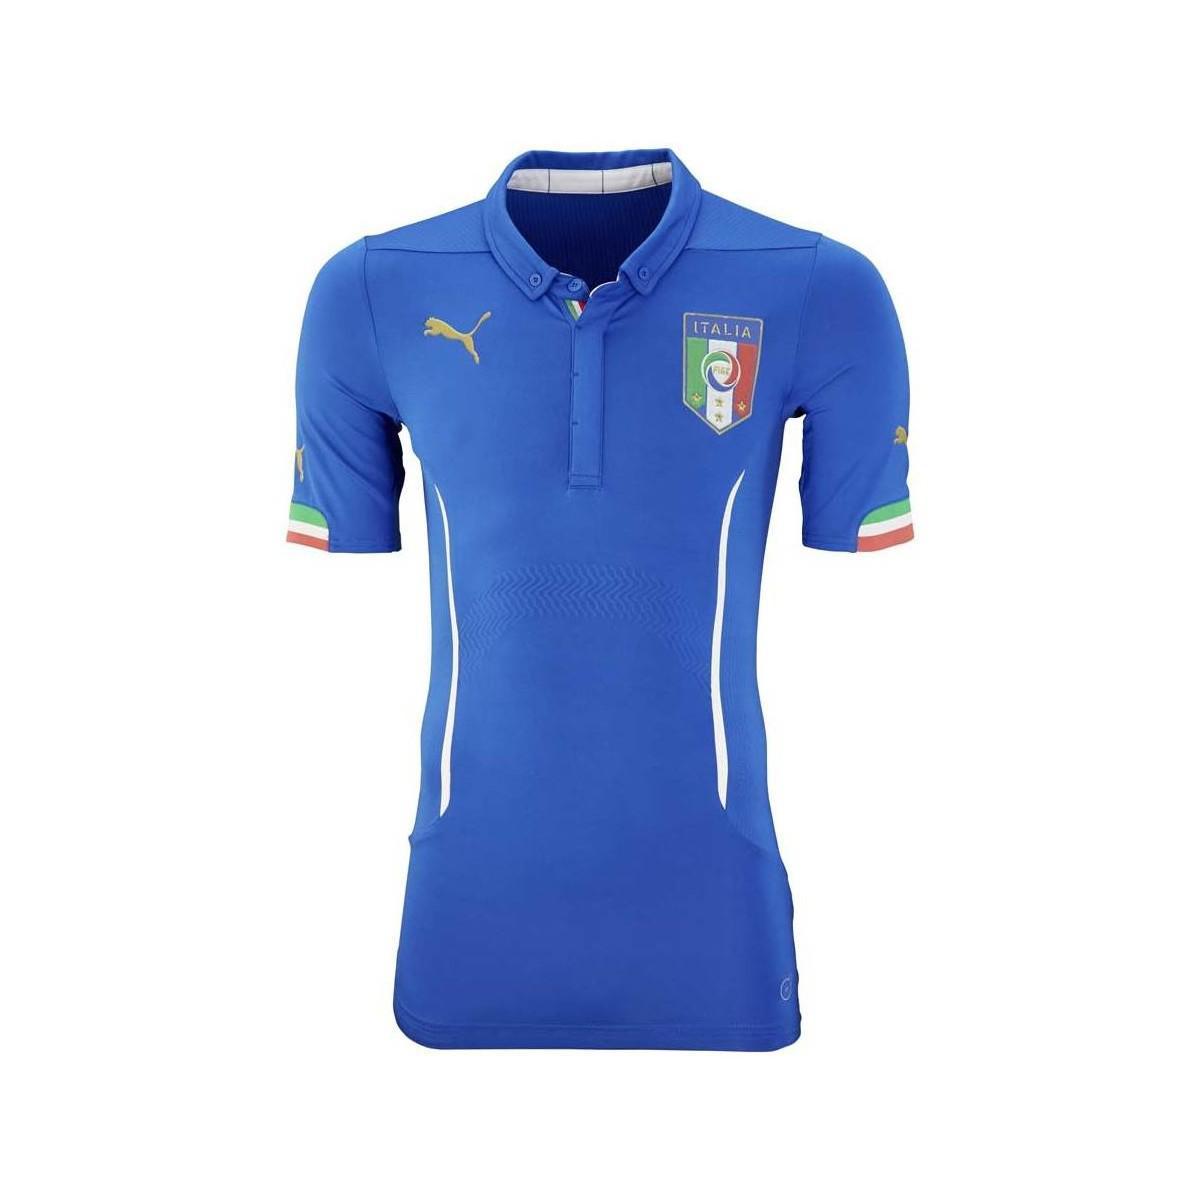 c718e7b8e5 Puma 2015-2016 Italy Authentic Actv Home Football Shirt Men s Polo ...